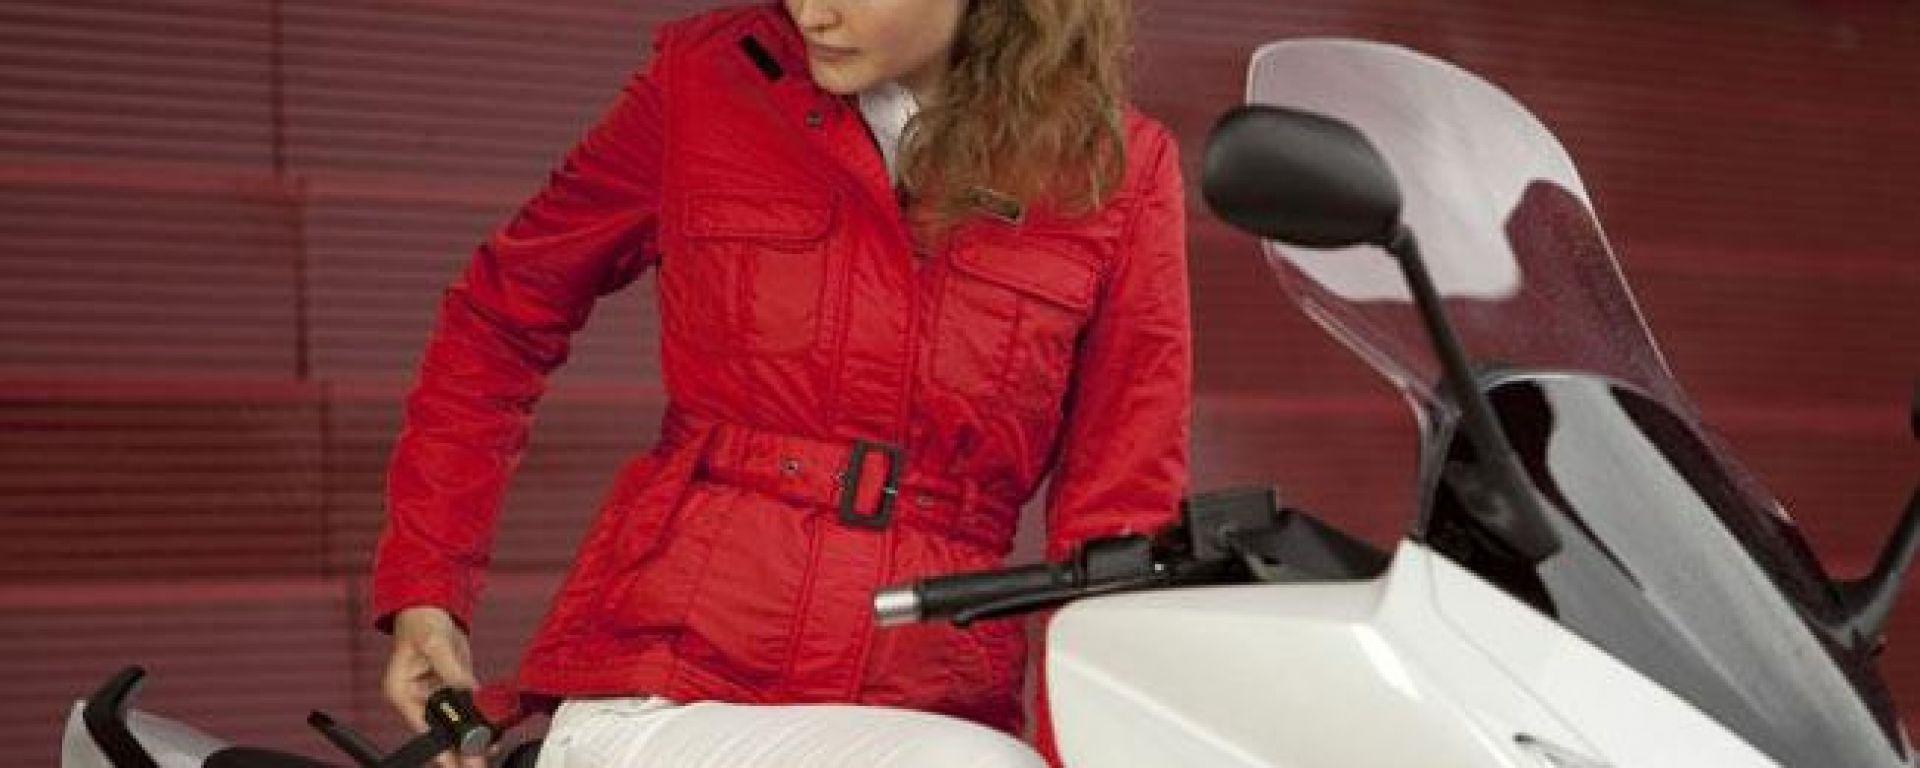 Brembo: la giacca è assicurata